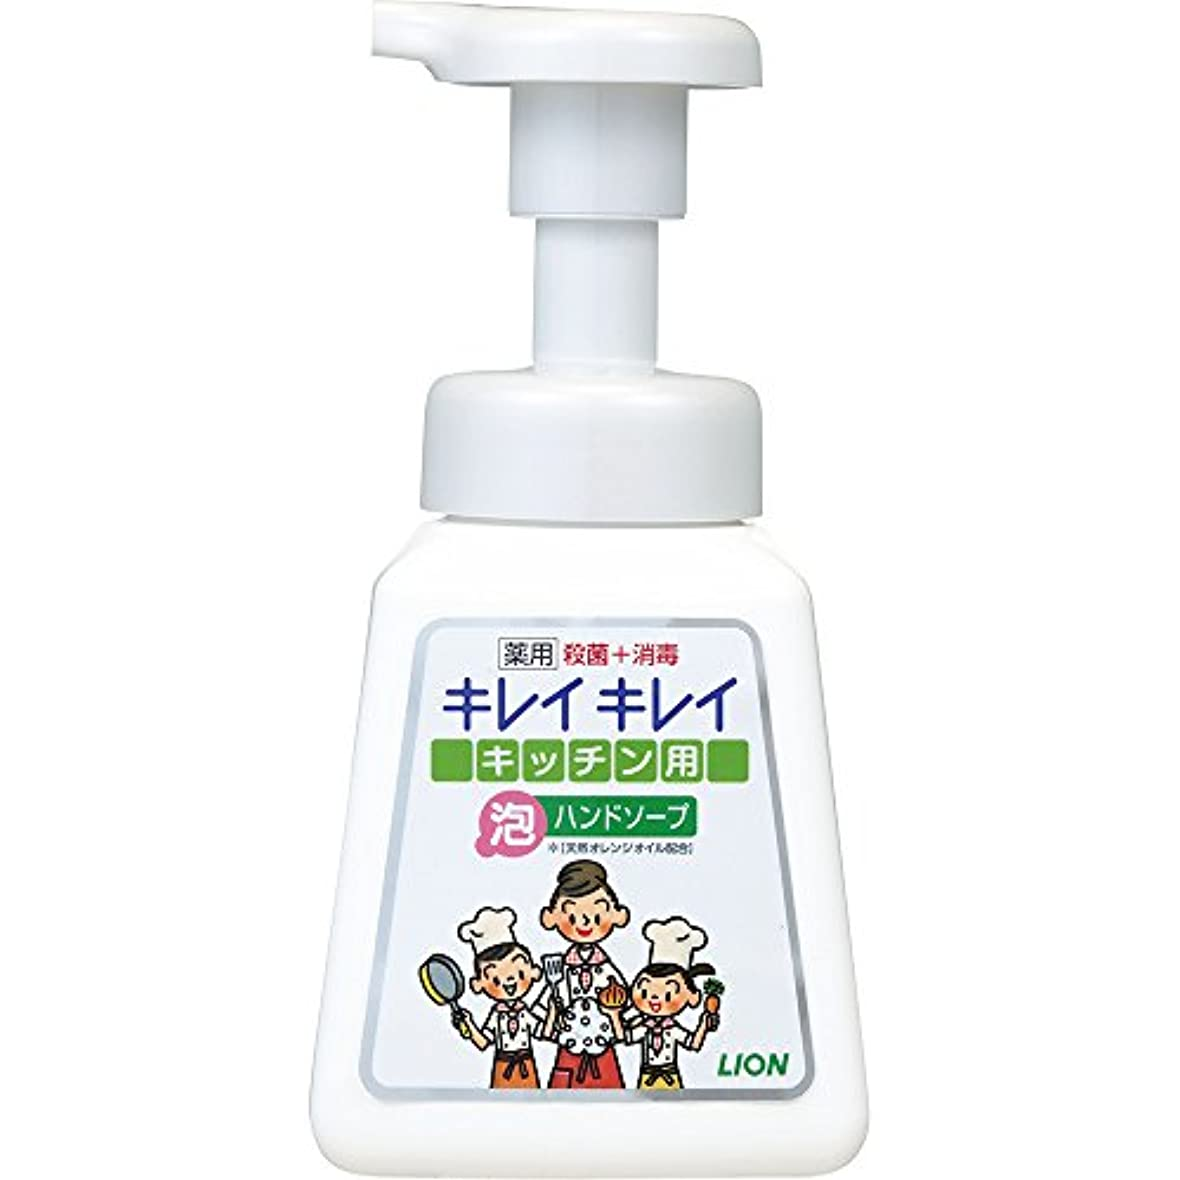 ペンダントコットンミュウミュウキレイキレイ 薬用 キッチン泡ハンドソープ 本体ポンプ 230ml(医薬部外品)